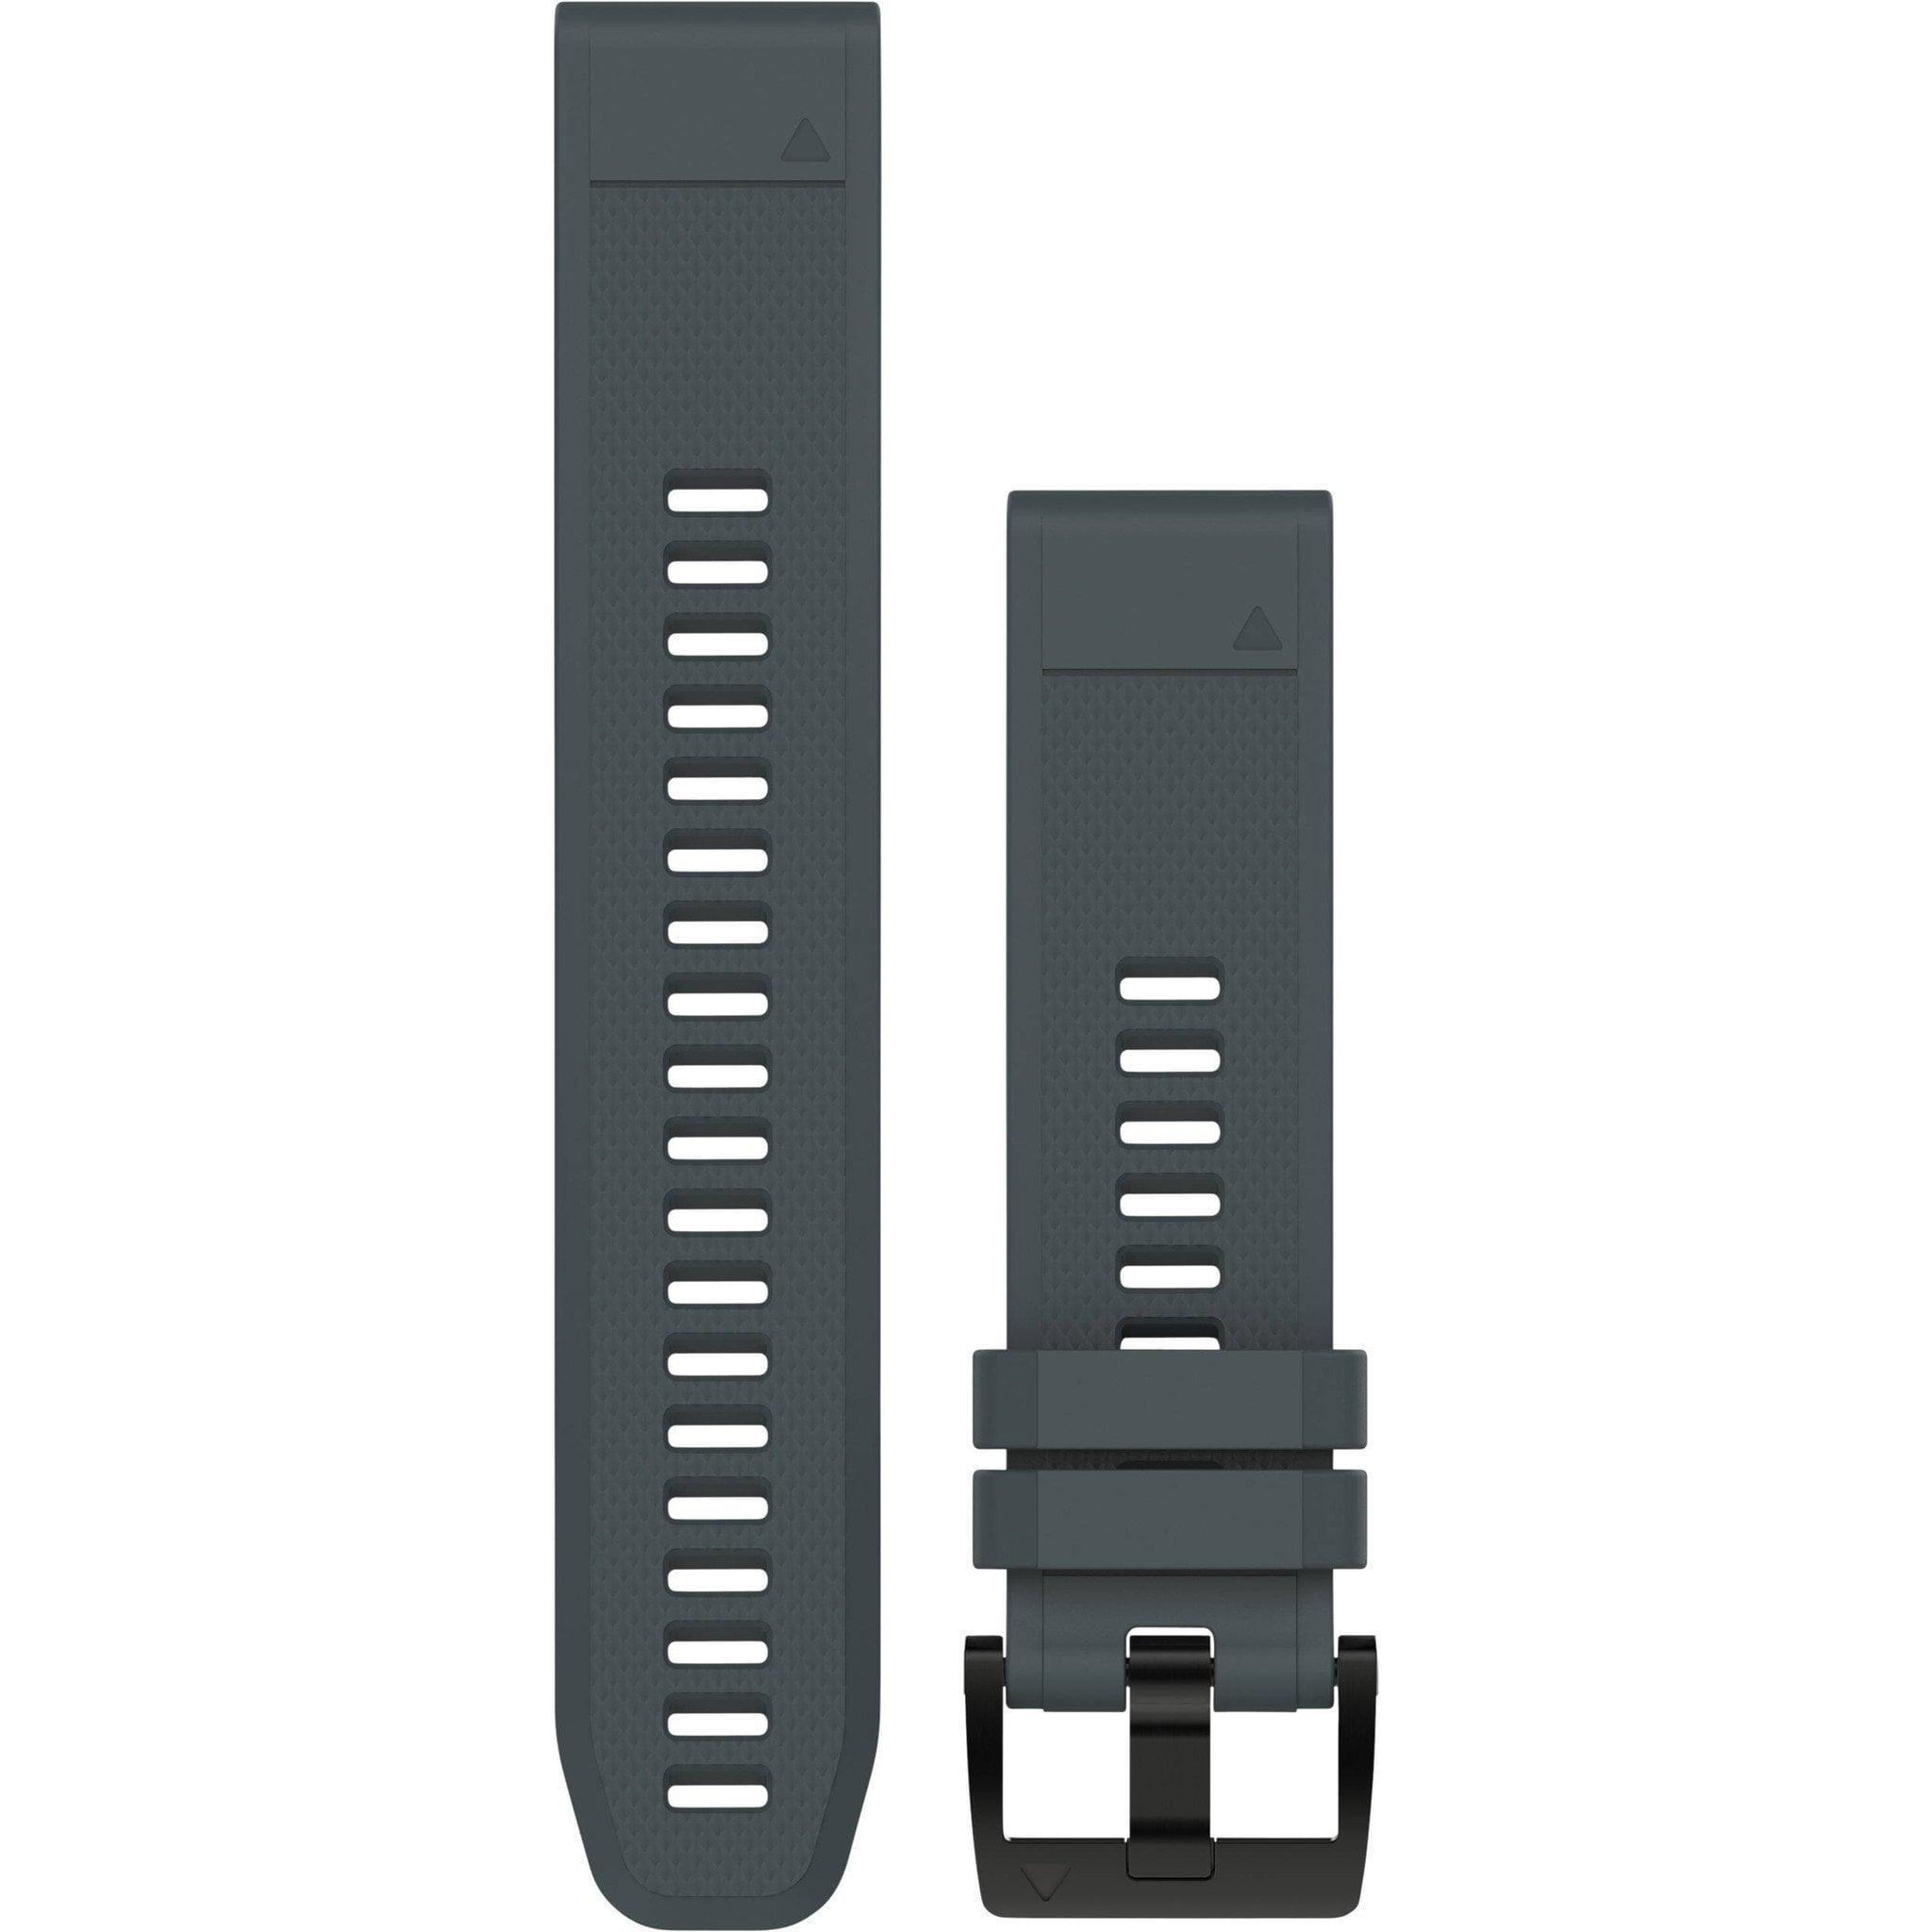 רצועה כחולה מקורית לשעון Garmin Fenix 5 QuickFit 22 Watch Bands